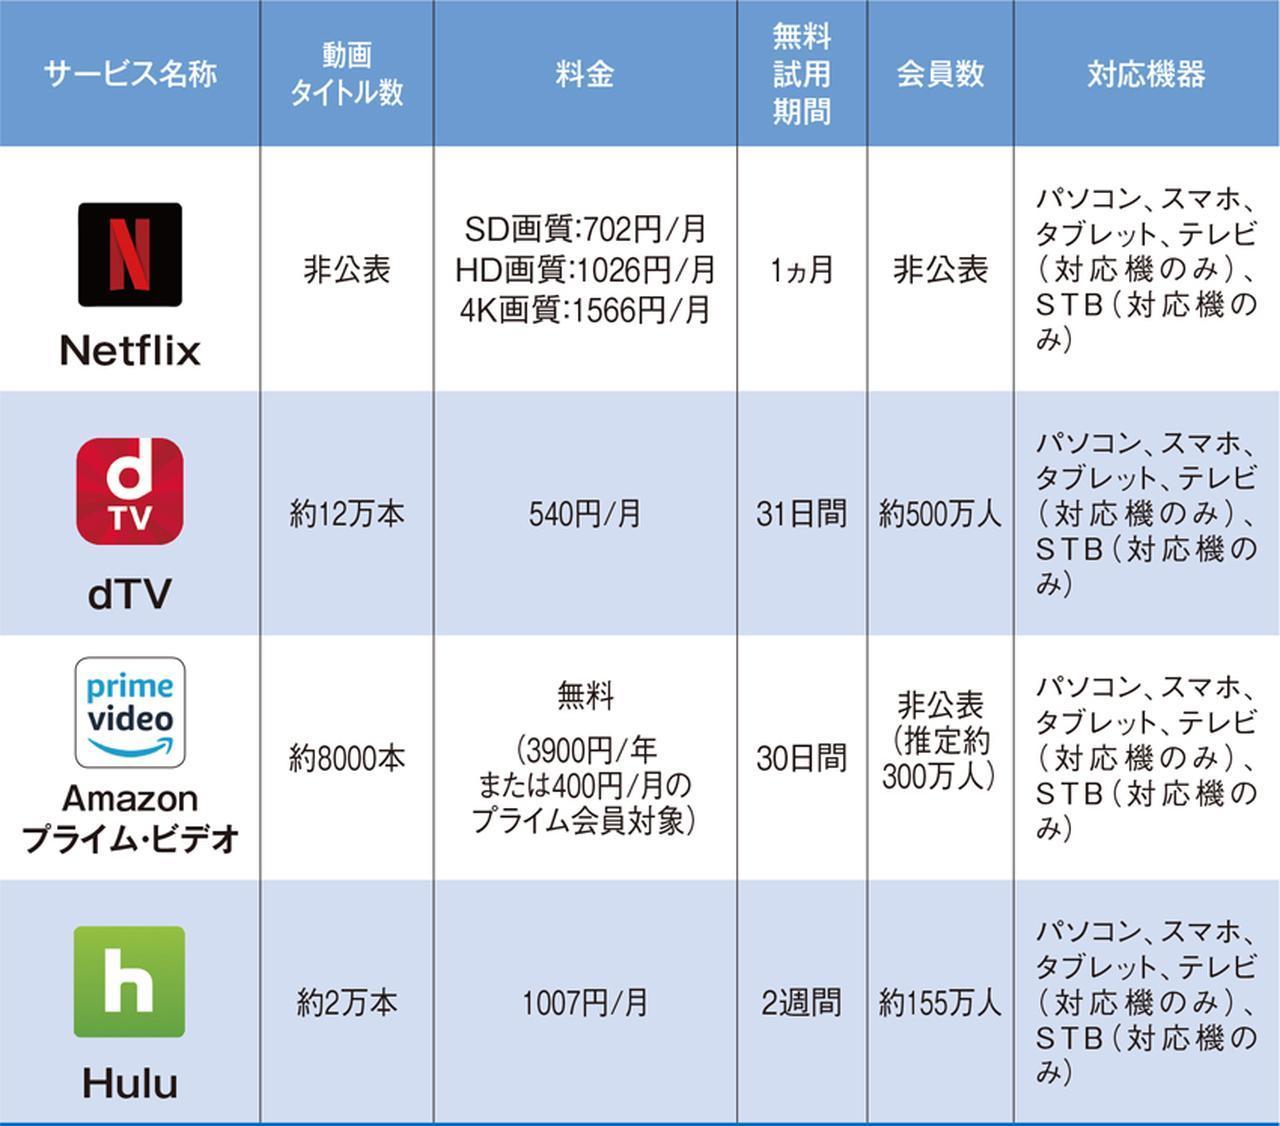 画像: ※票のデータは、2018年7月時点のもの。※STB(セットトップボックス)にはApple TV、Amazon FireTV、Google Chromecastなどがある。